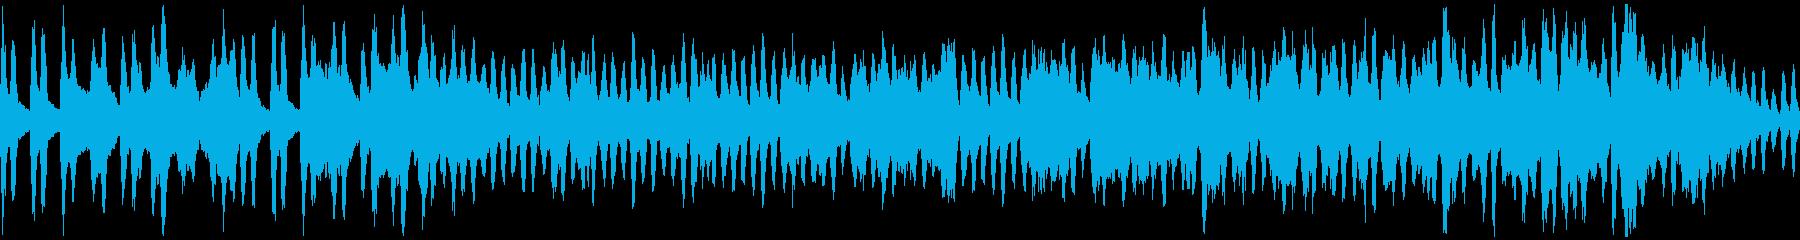 【リズム抜/ループ】優雅な雰囲気のワルツの再生済みの波形